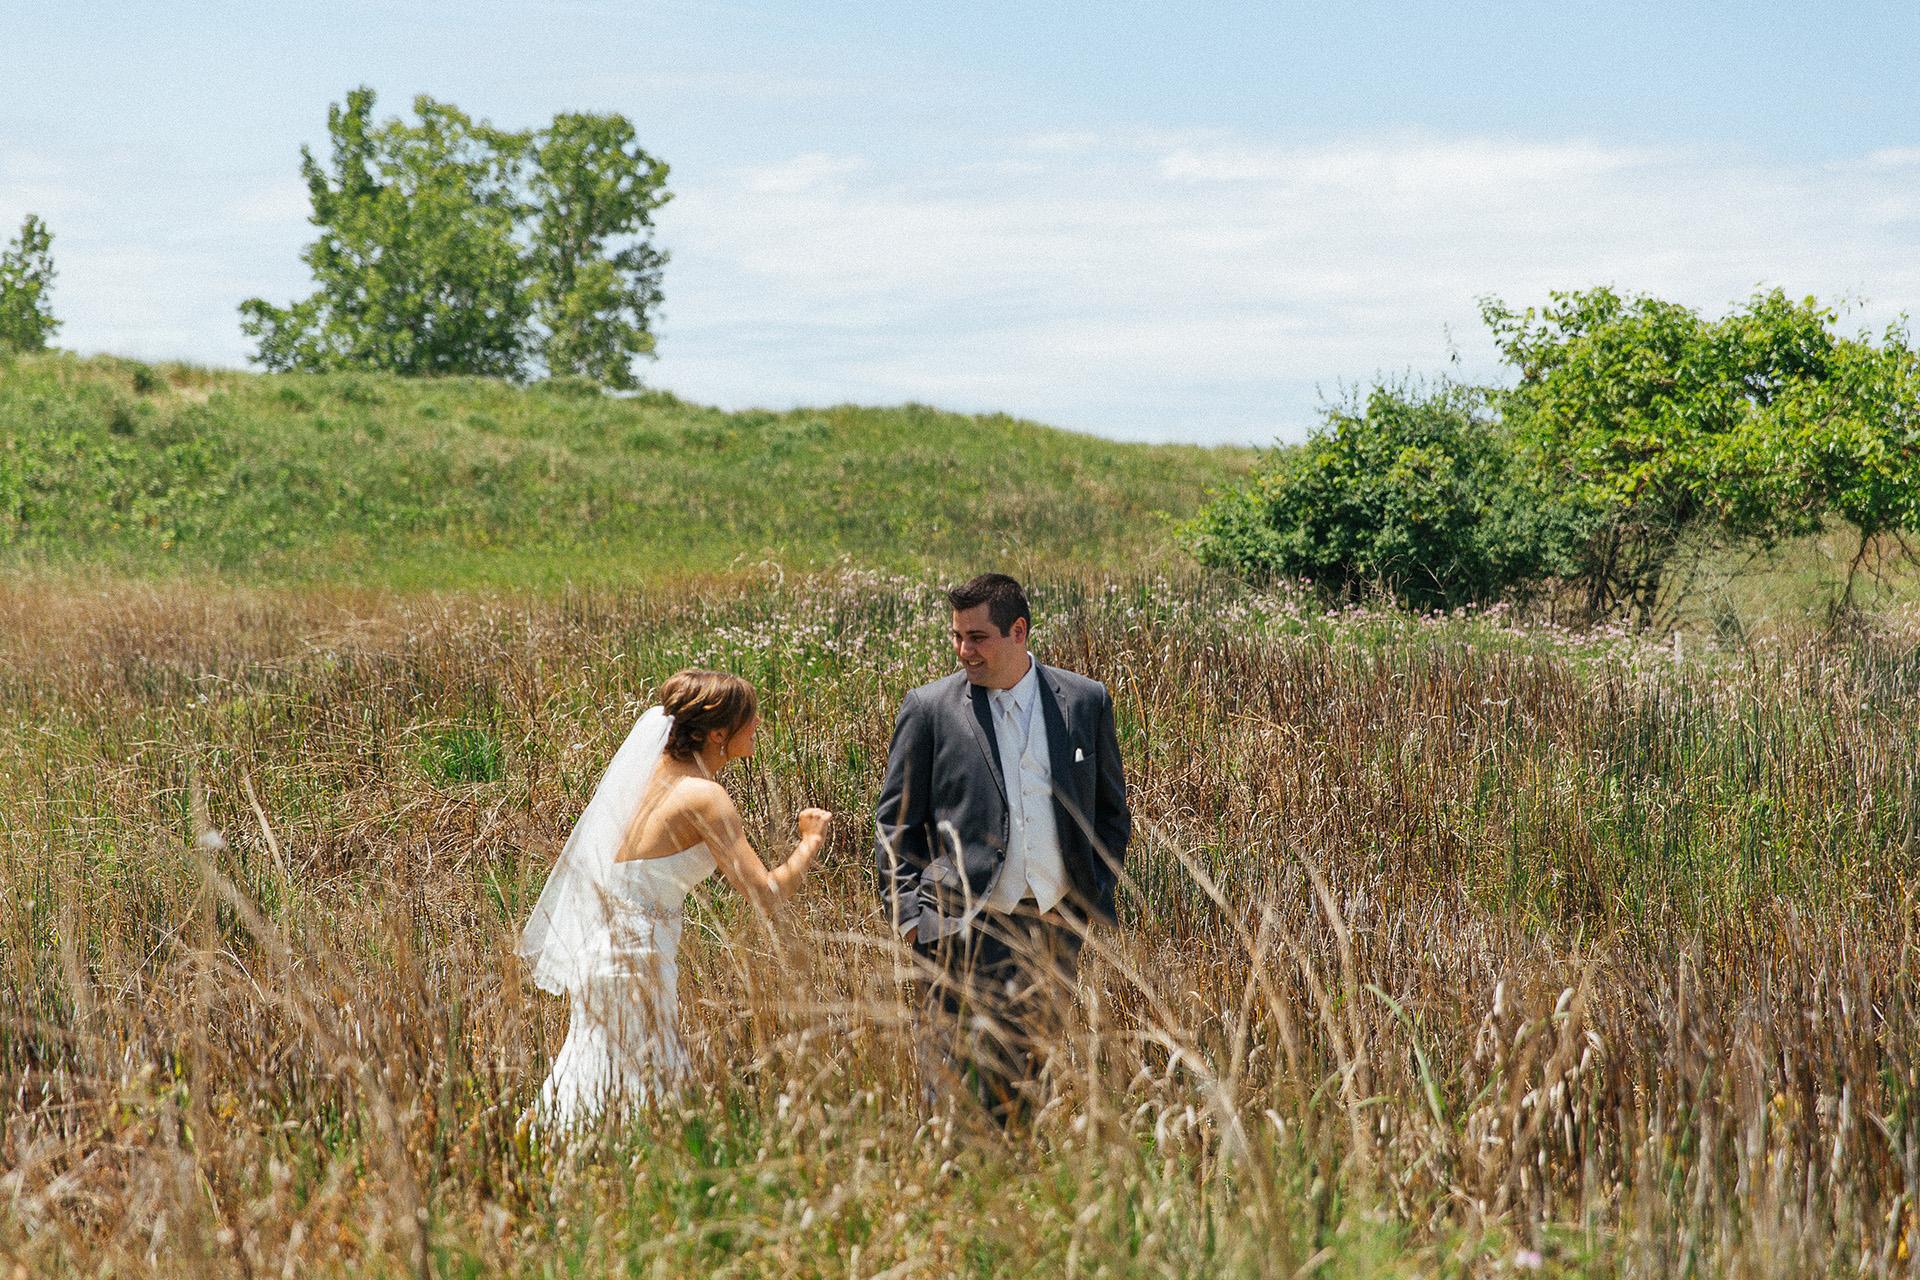 Amasa Stone Chapel Cleveland Wedding Photographer 11.jpg